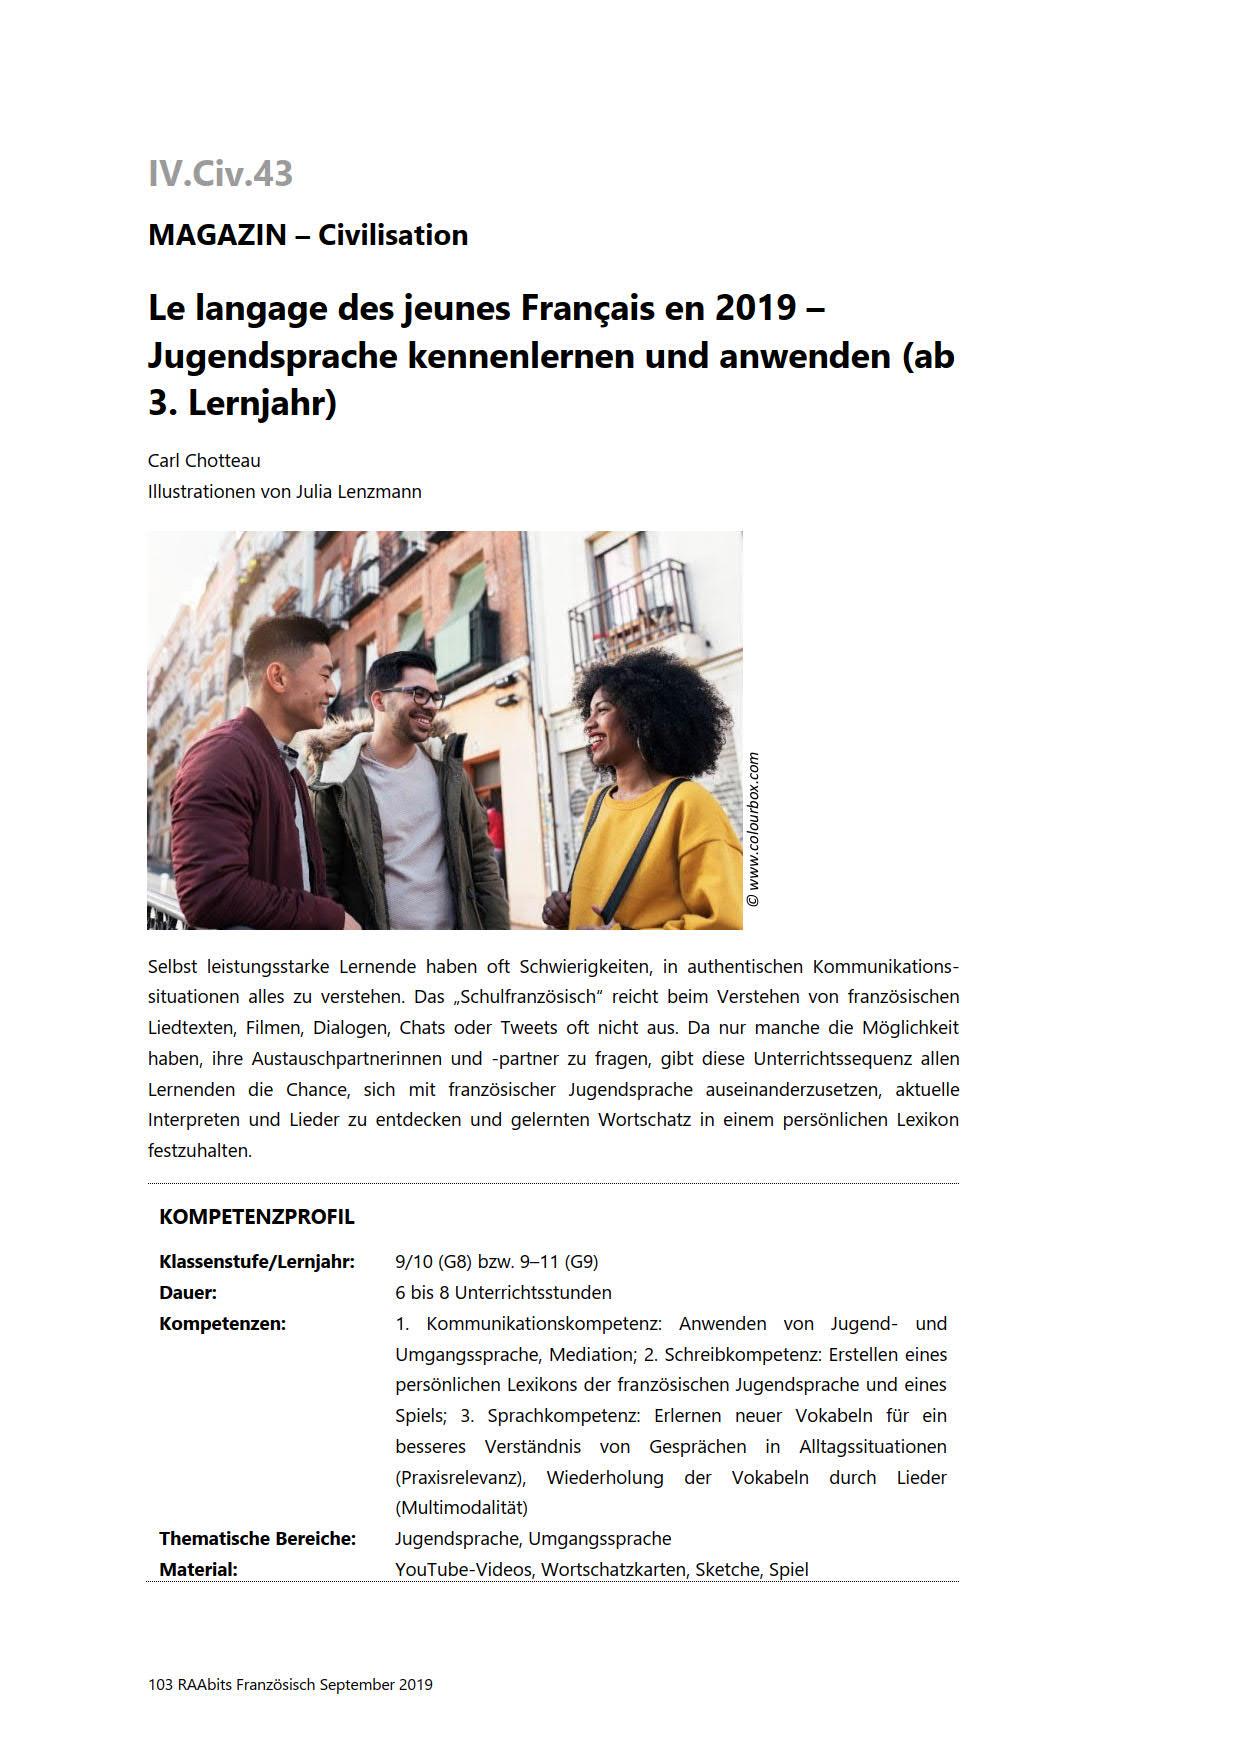 Französisch Kennenlernen – Wikibooks, Sammlung freier Lehr-, Sach- und Fachbücher